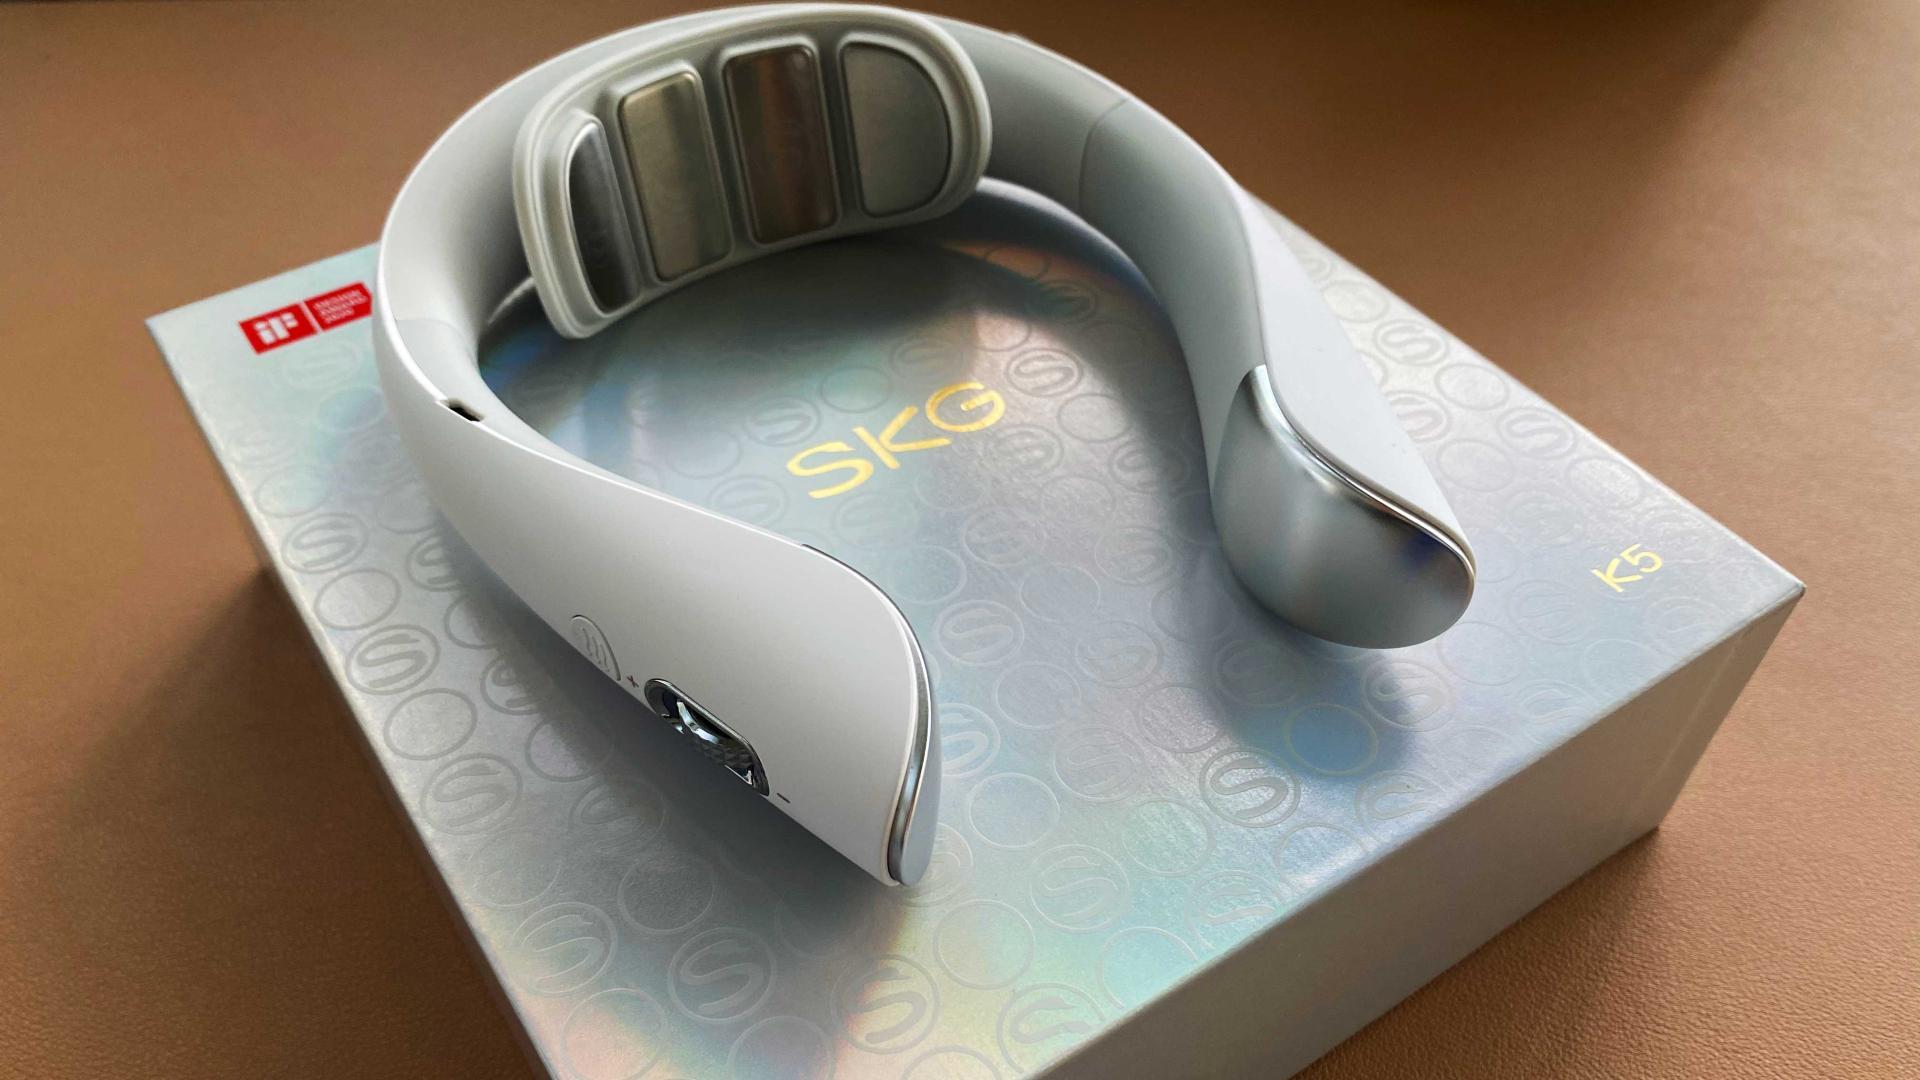 低头族,电脑长期工作者找到了知音,sk5颈椎按摩仪简单评测体验